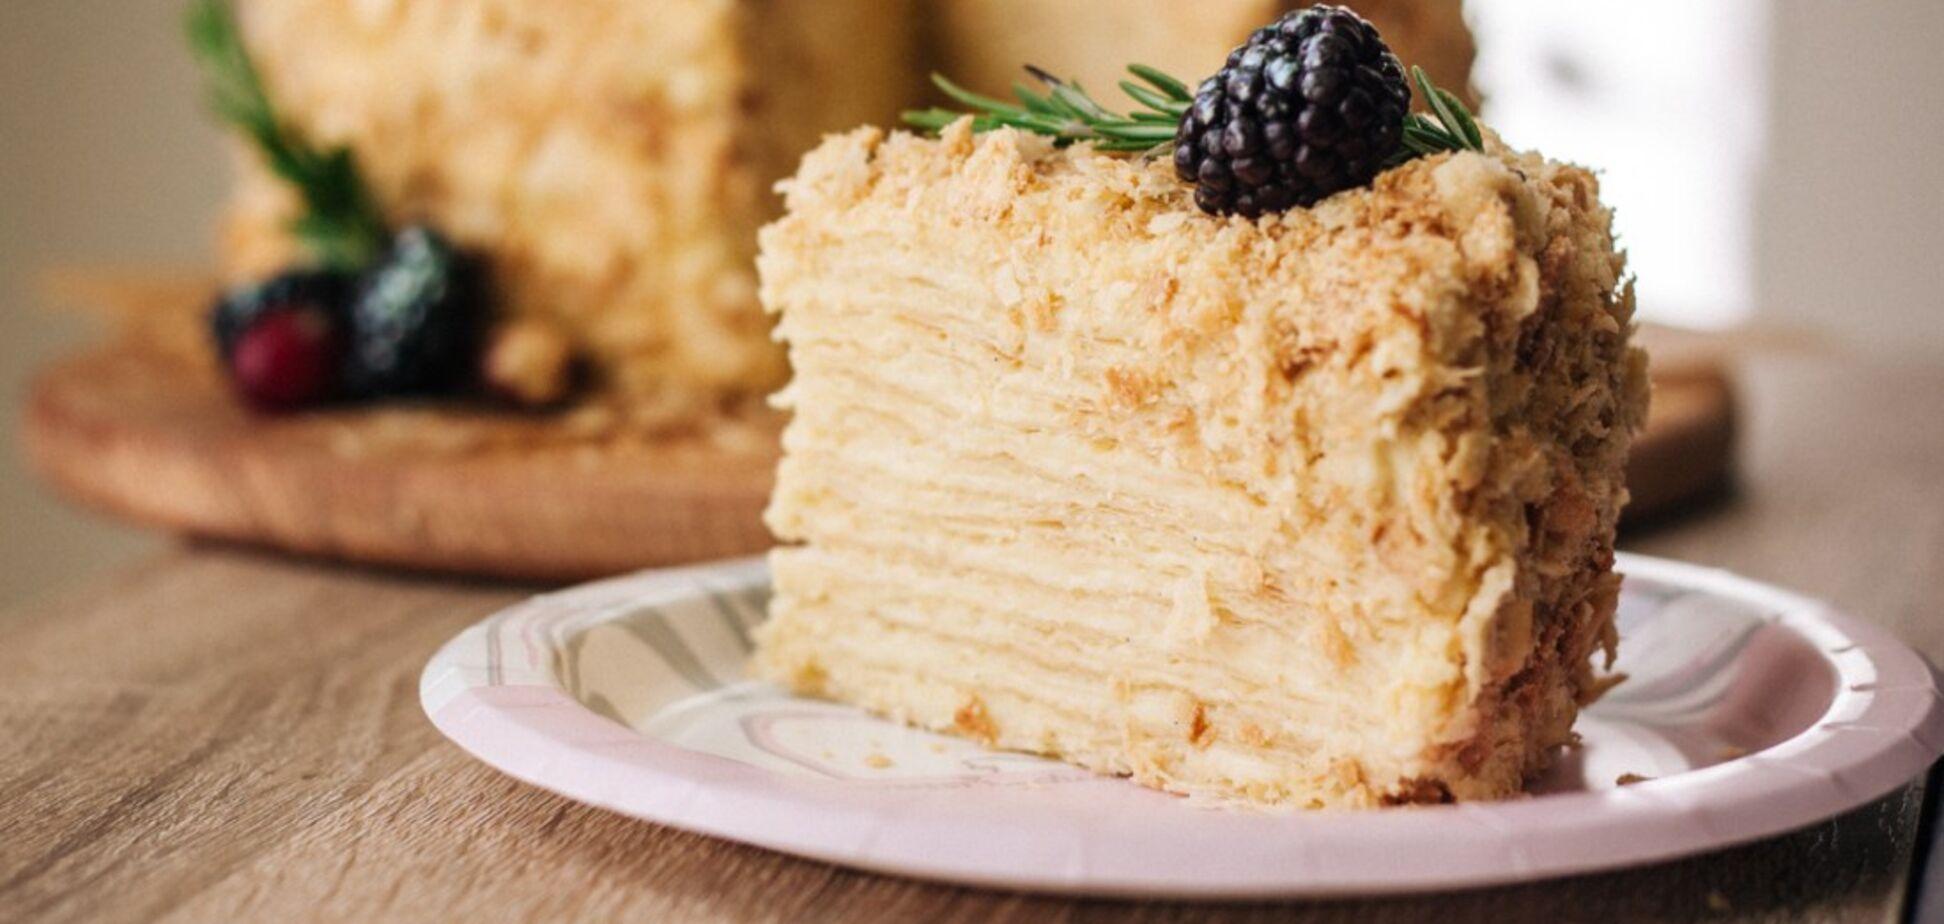 Найпростіший рецепт торта 'Наполеон' без випікання